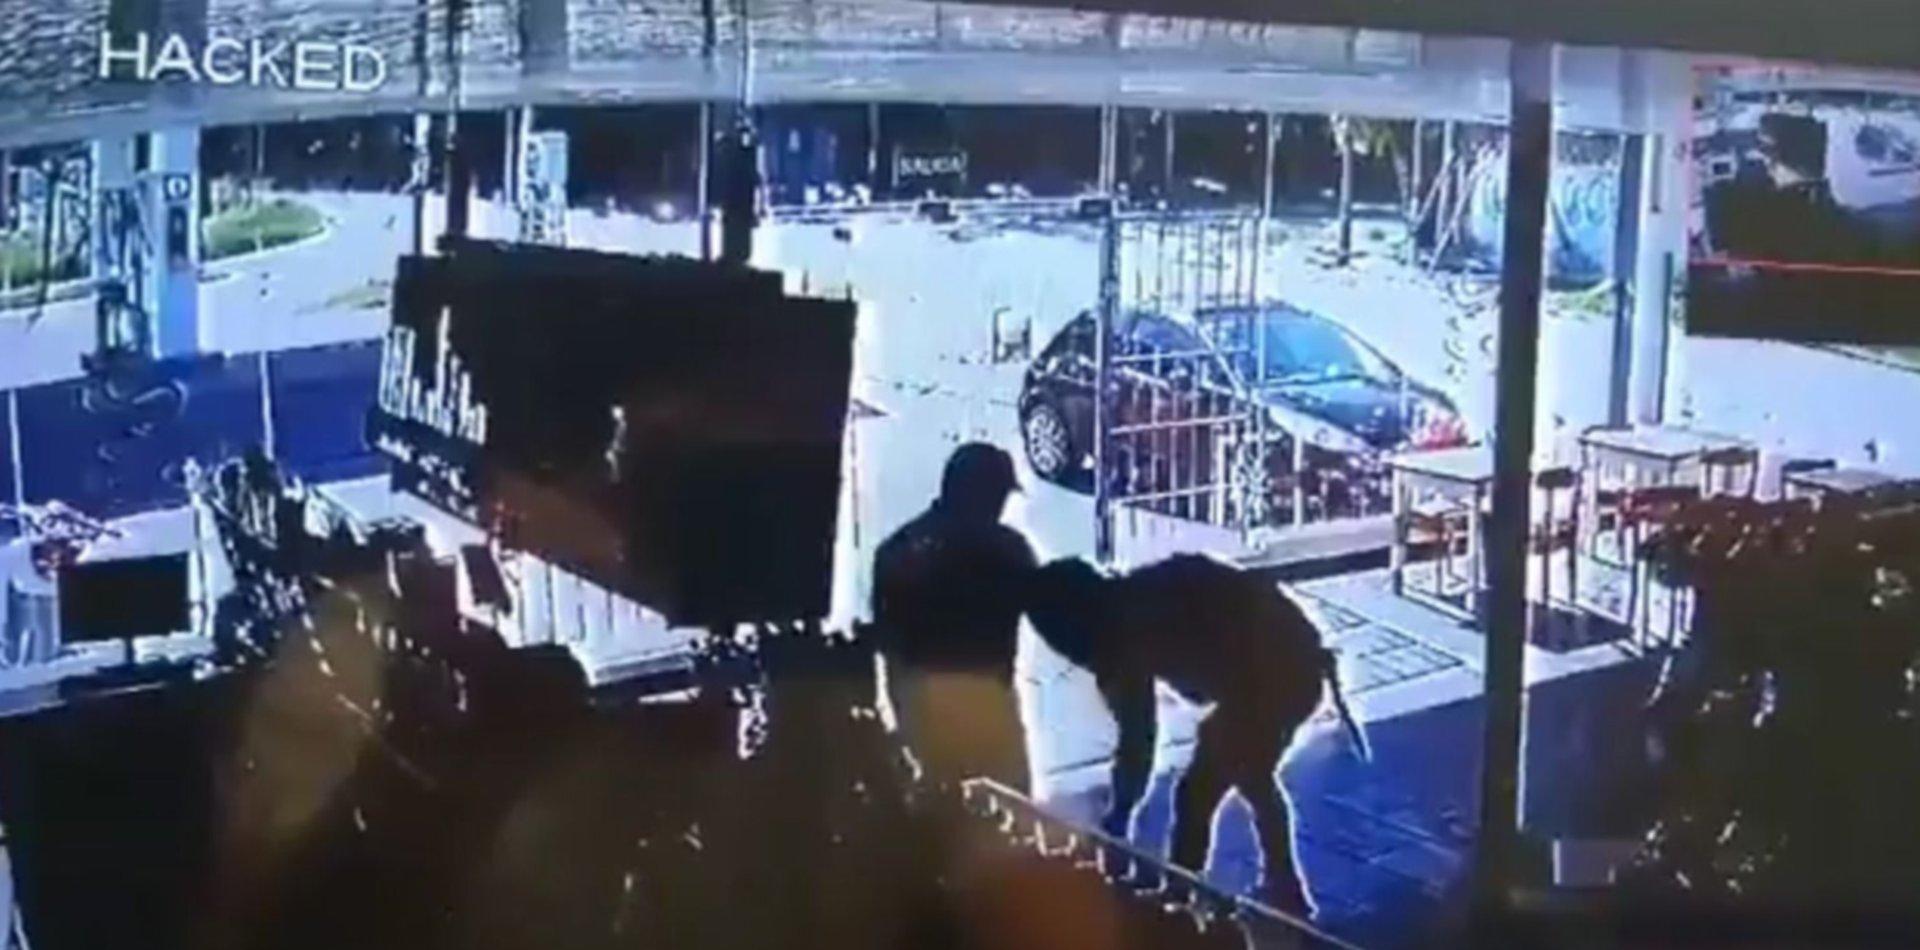 VIDEO: Asaltó una estación de servicio de La Plata armado con una cuchilla y se llevó más de $30 mil